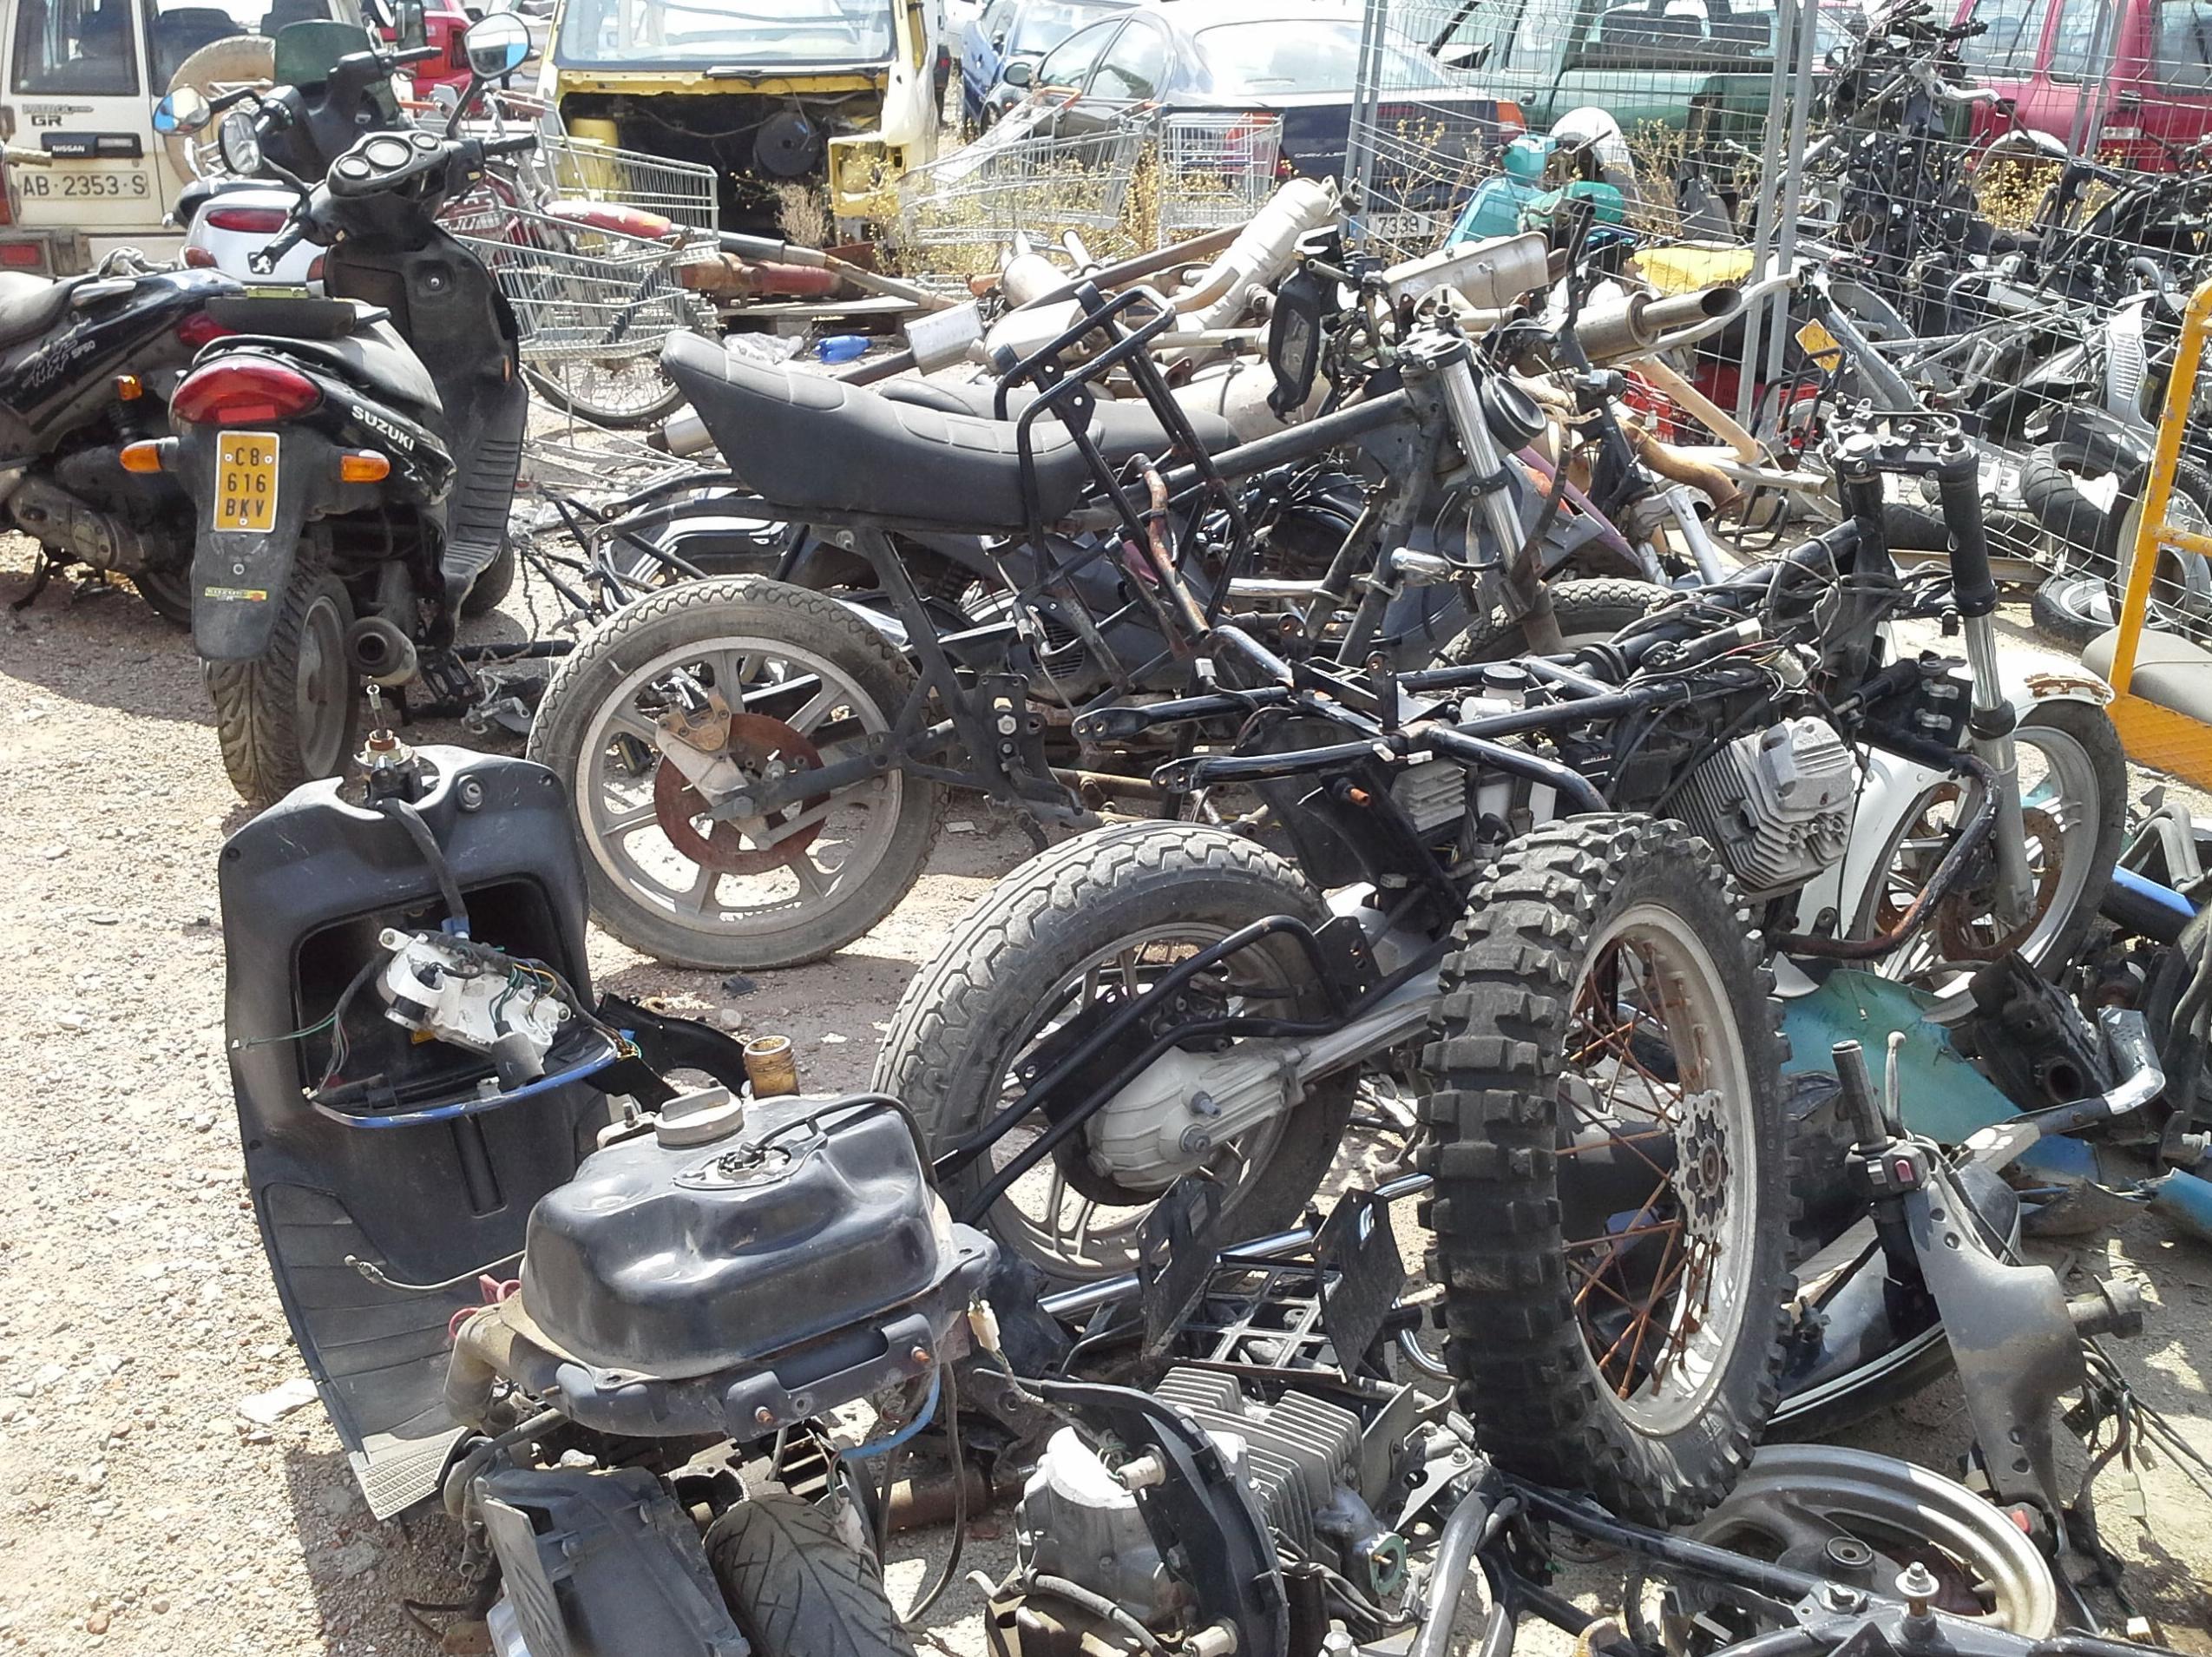 desguace de motos en albacete en desguaces clemente